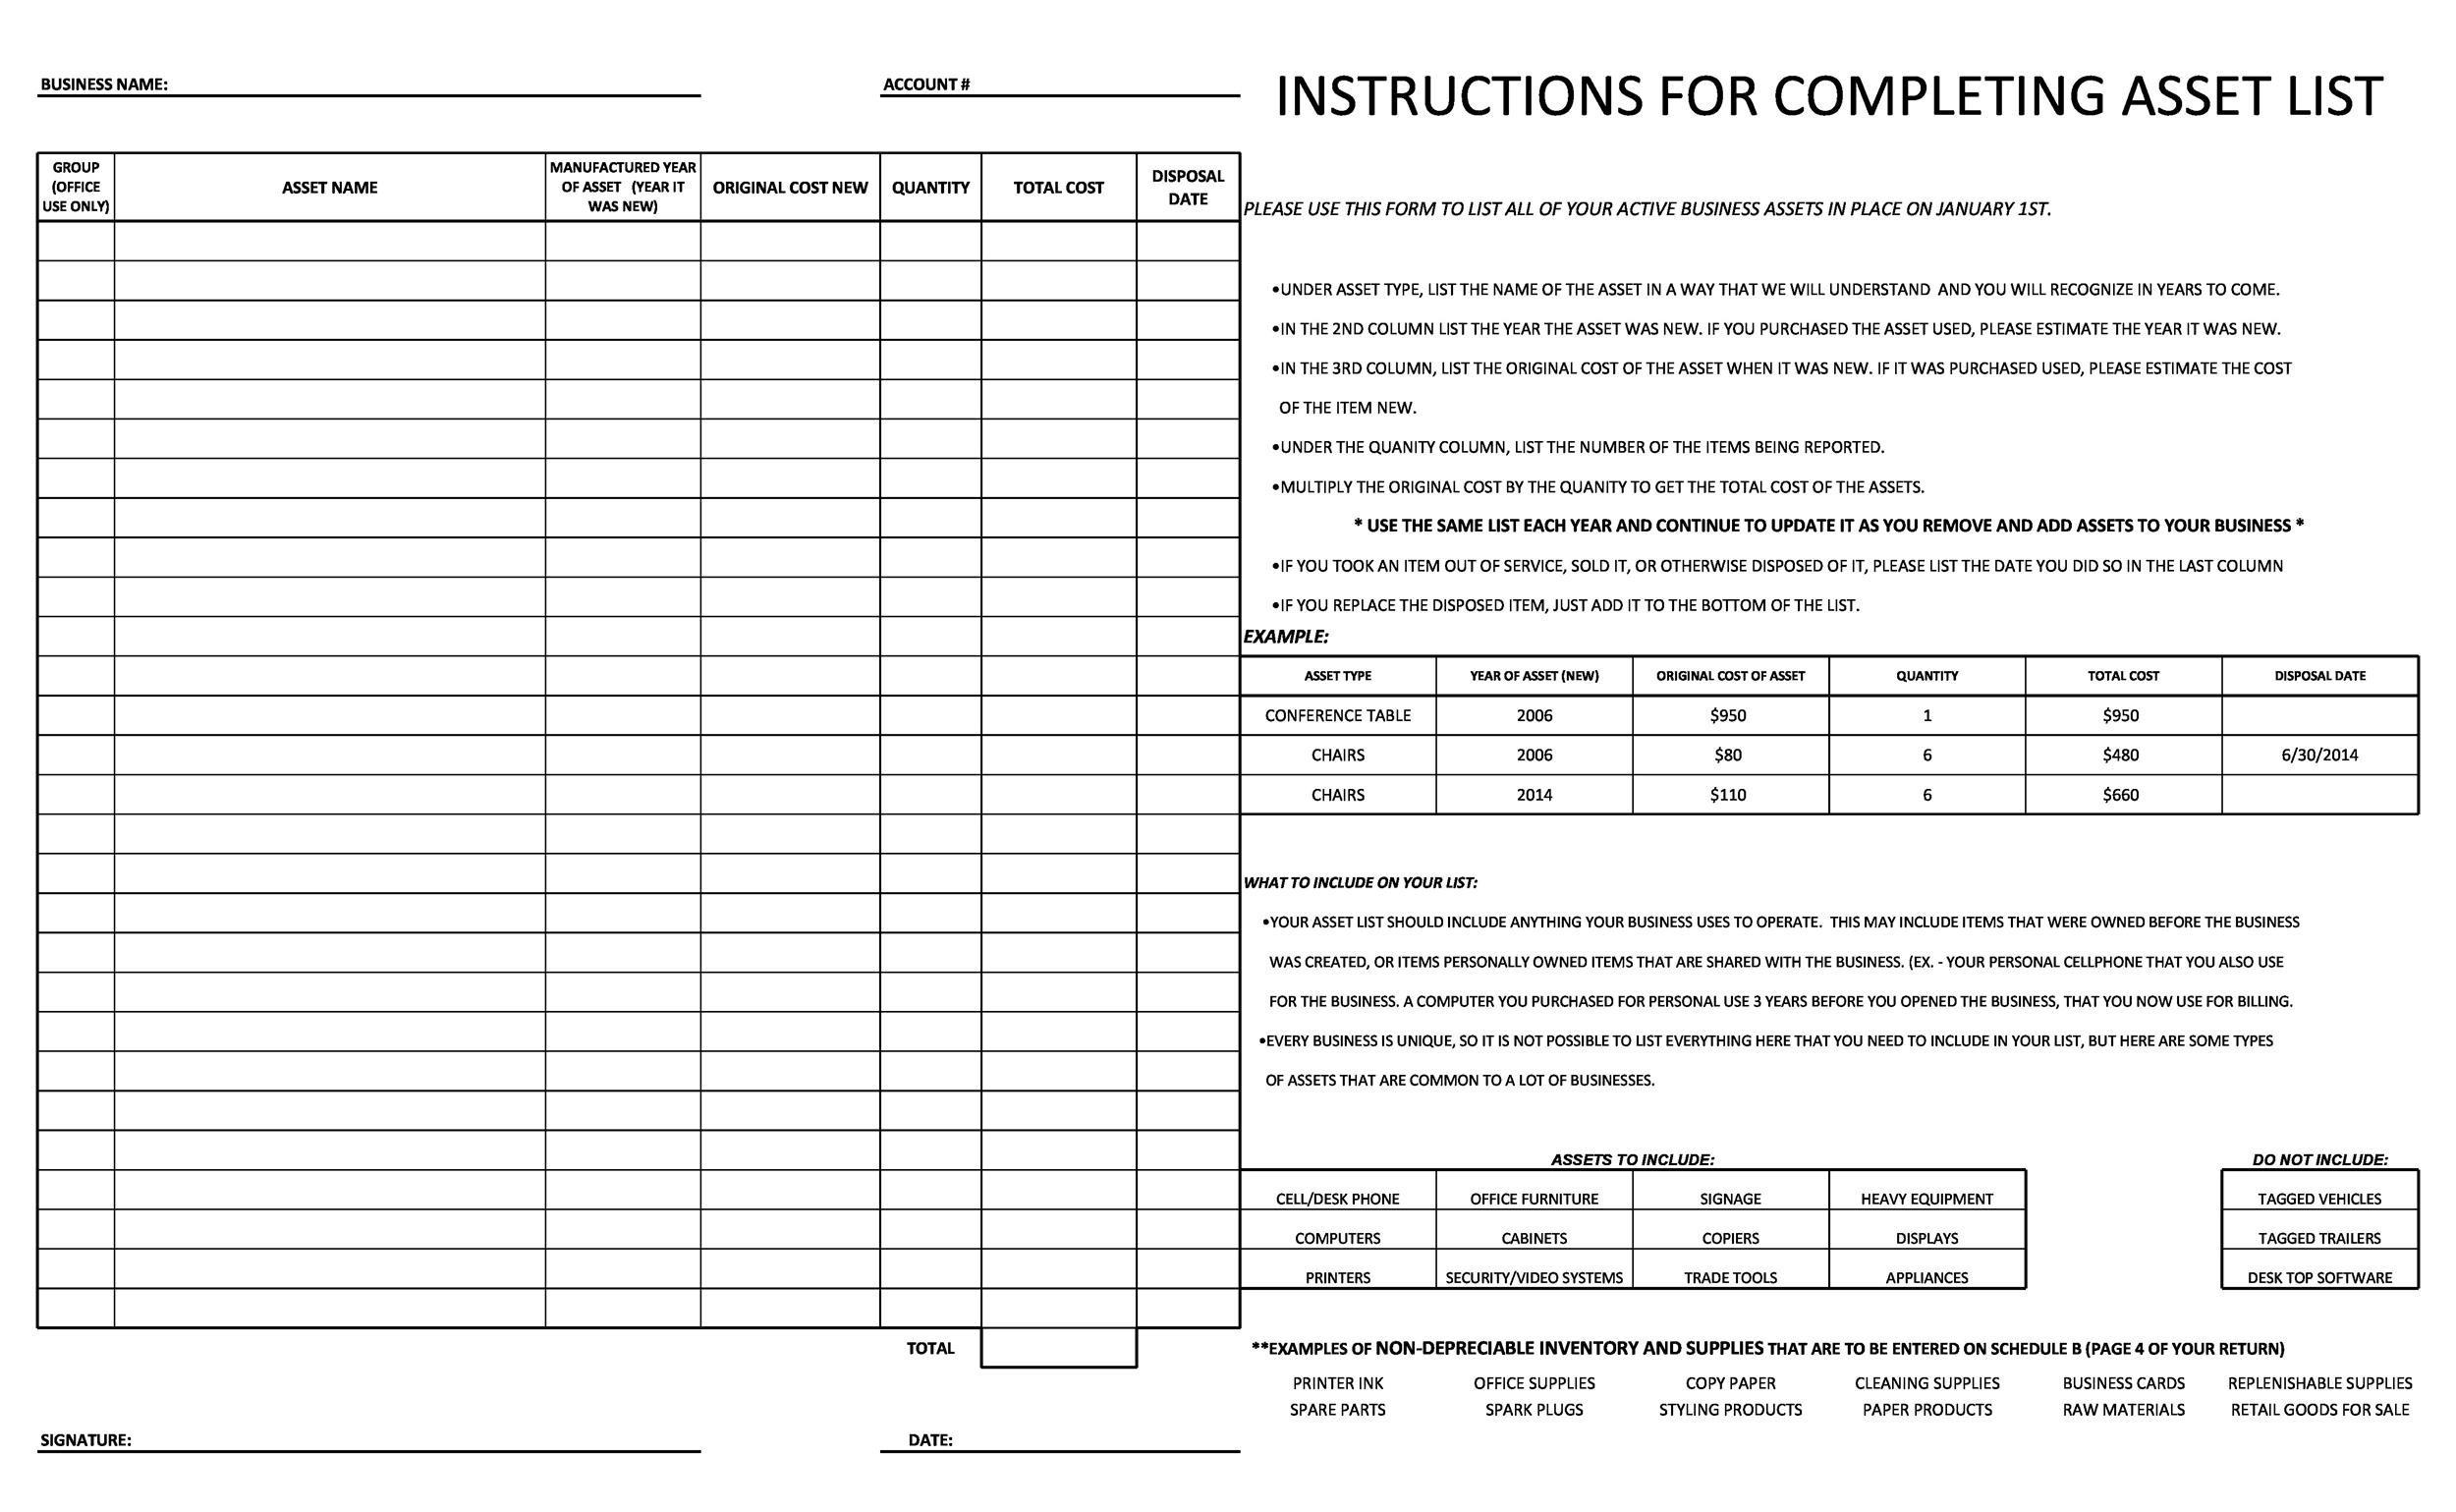 Free asset list template 14